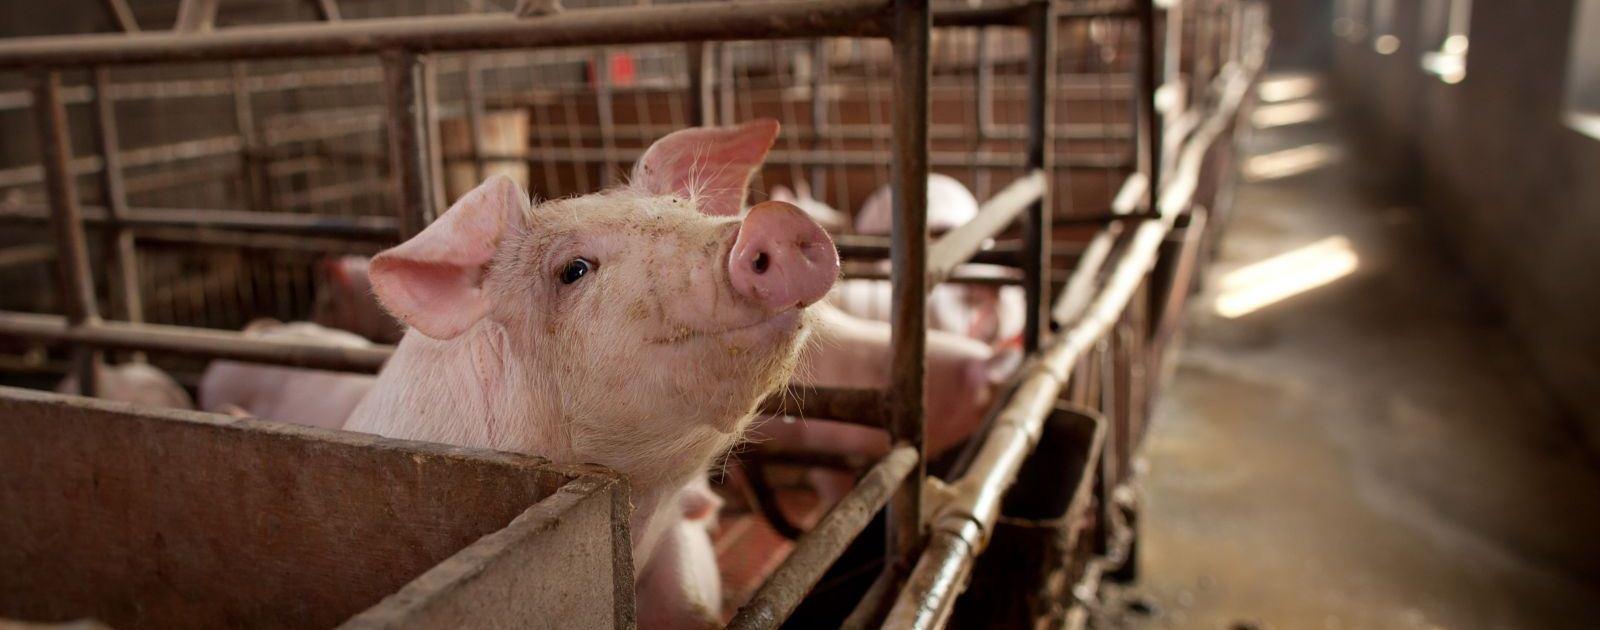 BioSpring Người tiêu dùng ăn phải loại thịt có chất cấm về lâu dài có thể sẽ bị mắc các bệnh ảnh hưởng đến sức khỏe như tăng huyết áp, tim đập nhanh, buồn nôn, đặc biệt có thể gây ung thư